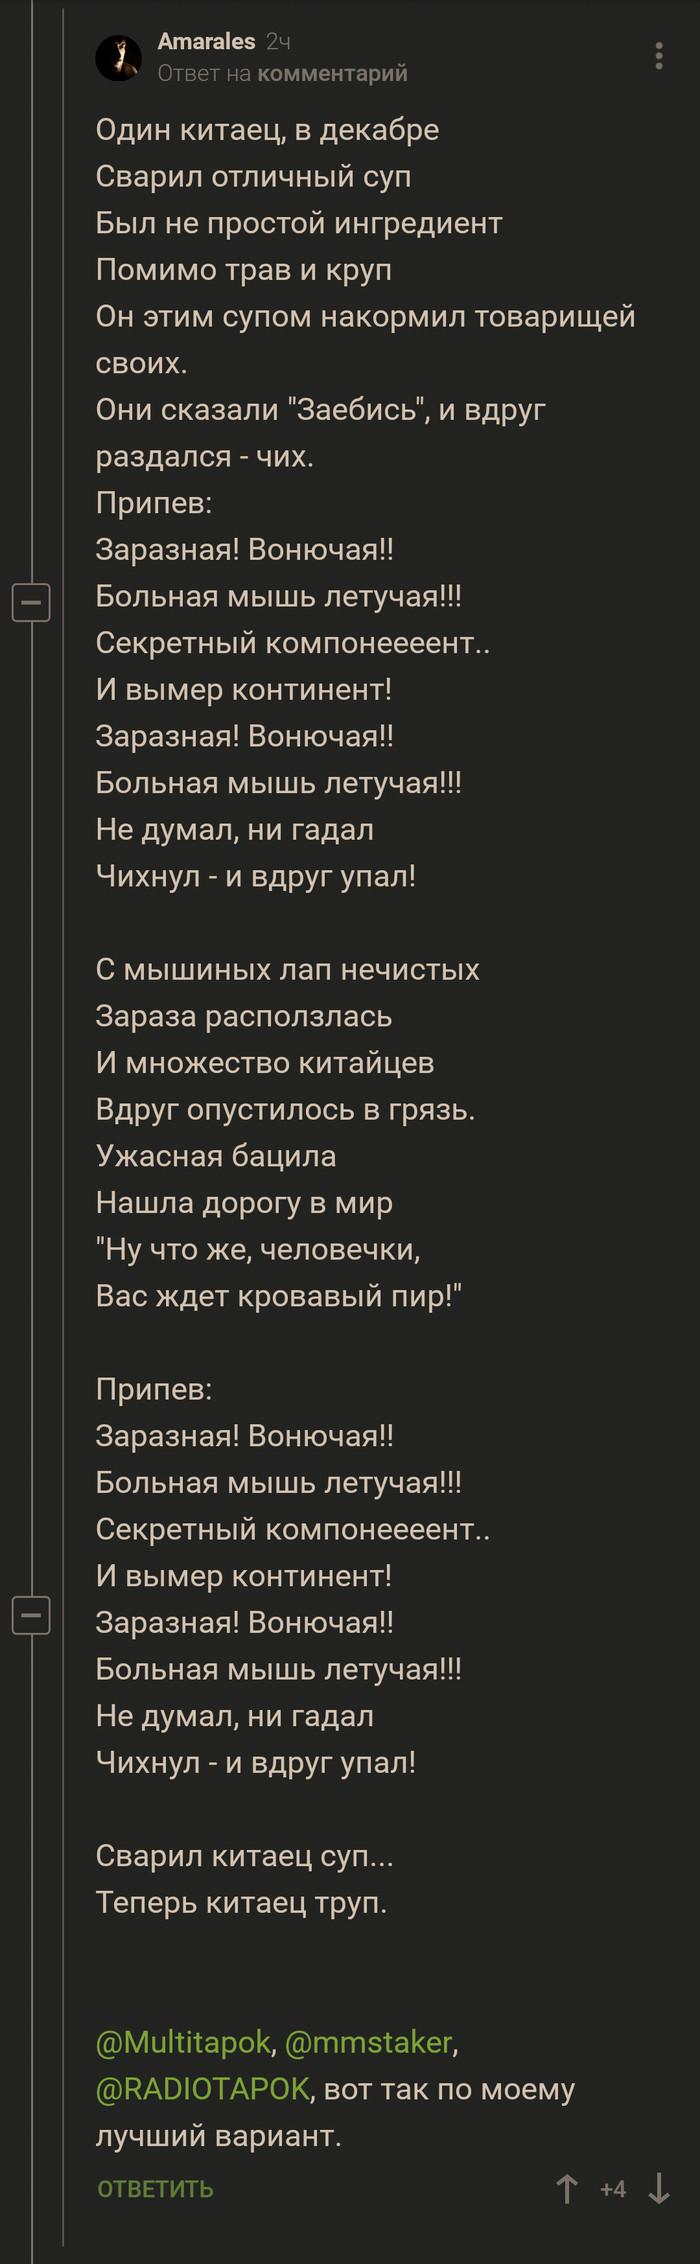 Песнь о ковиде